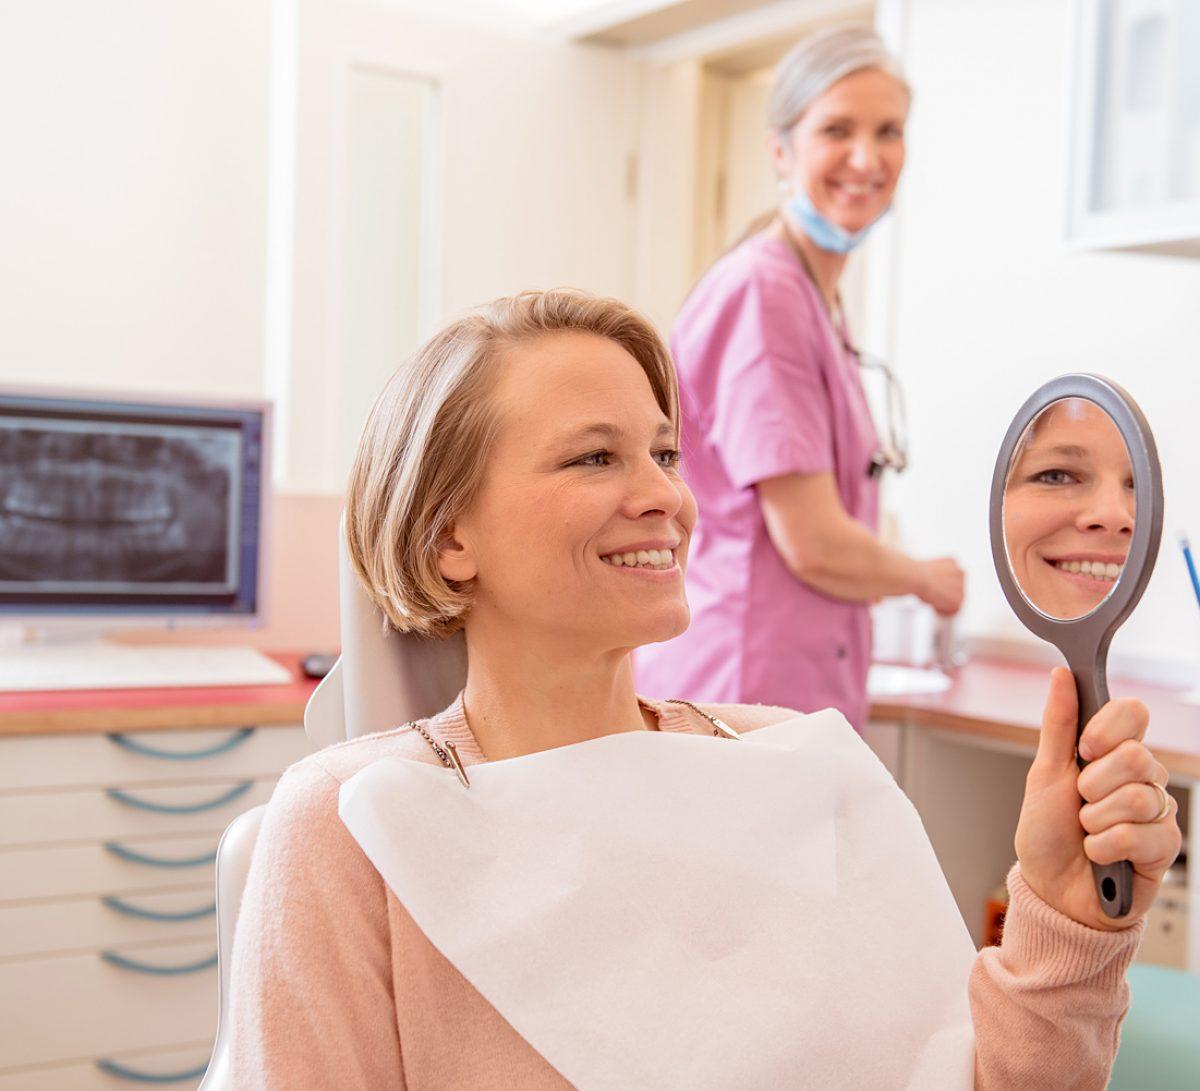 Ästhetischen Zahnheilkunde - Zahnarztpraxis Sabine Quack, Berlin Friedrichshain